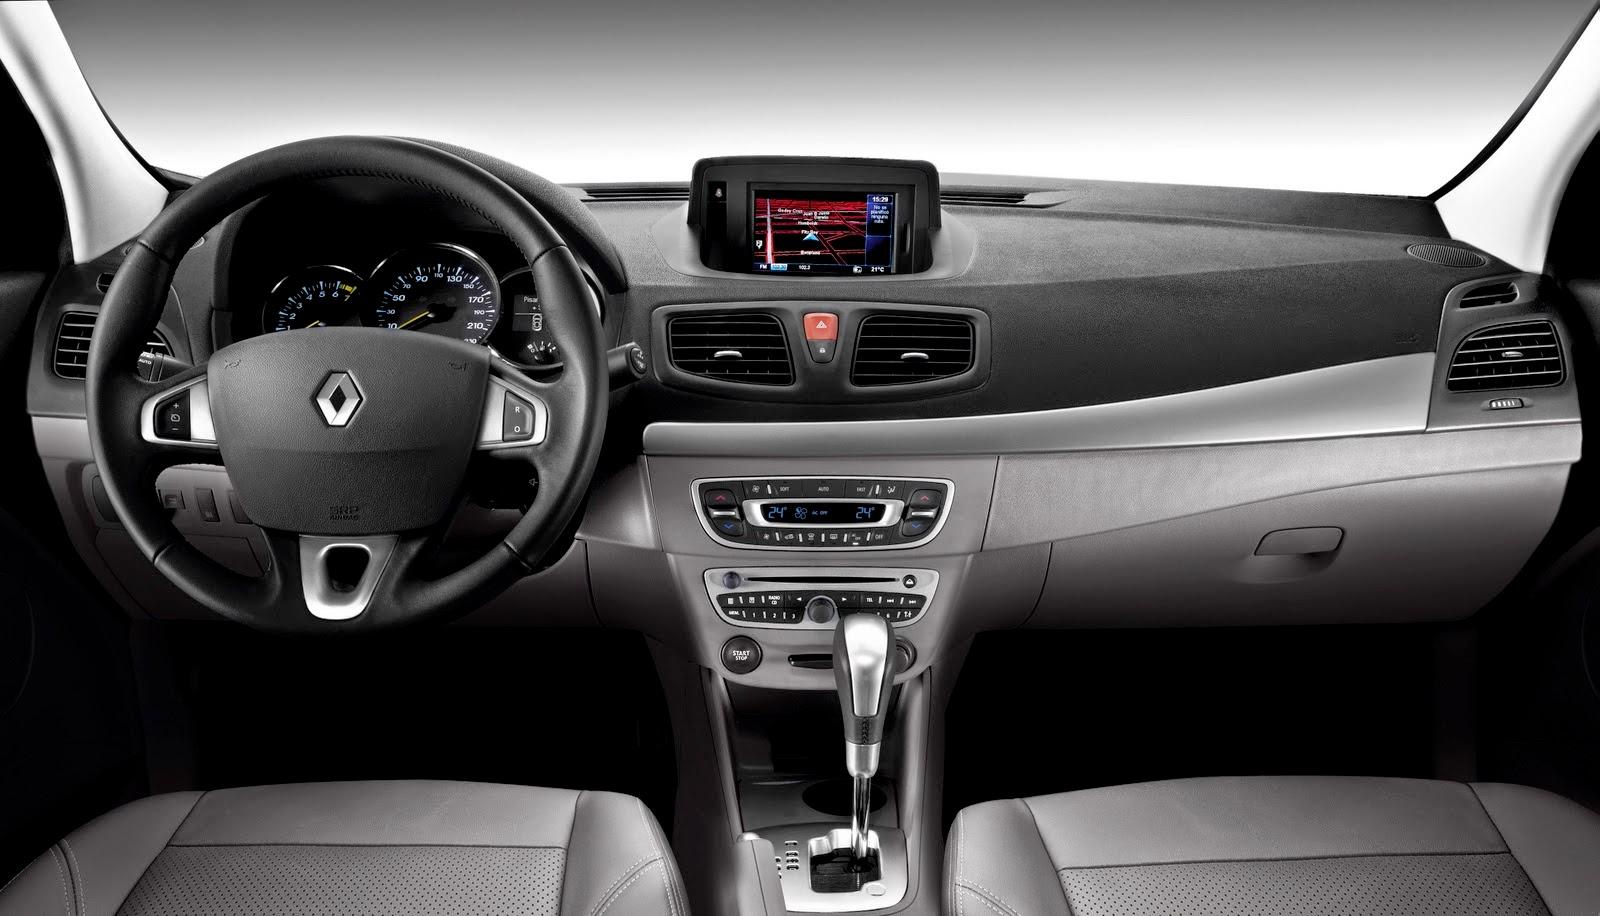 Renault Fluence 2 0 Harga Kereta Di Malaysia